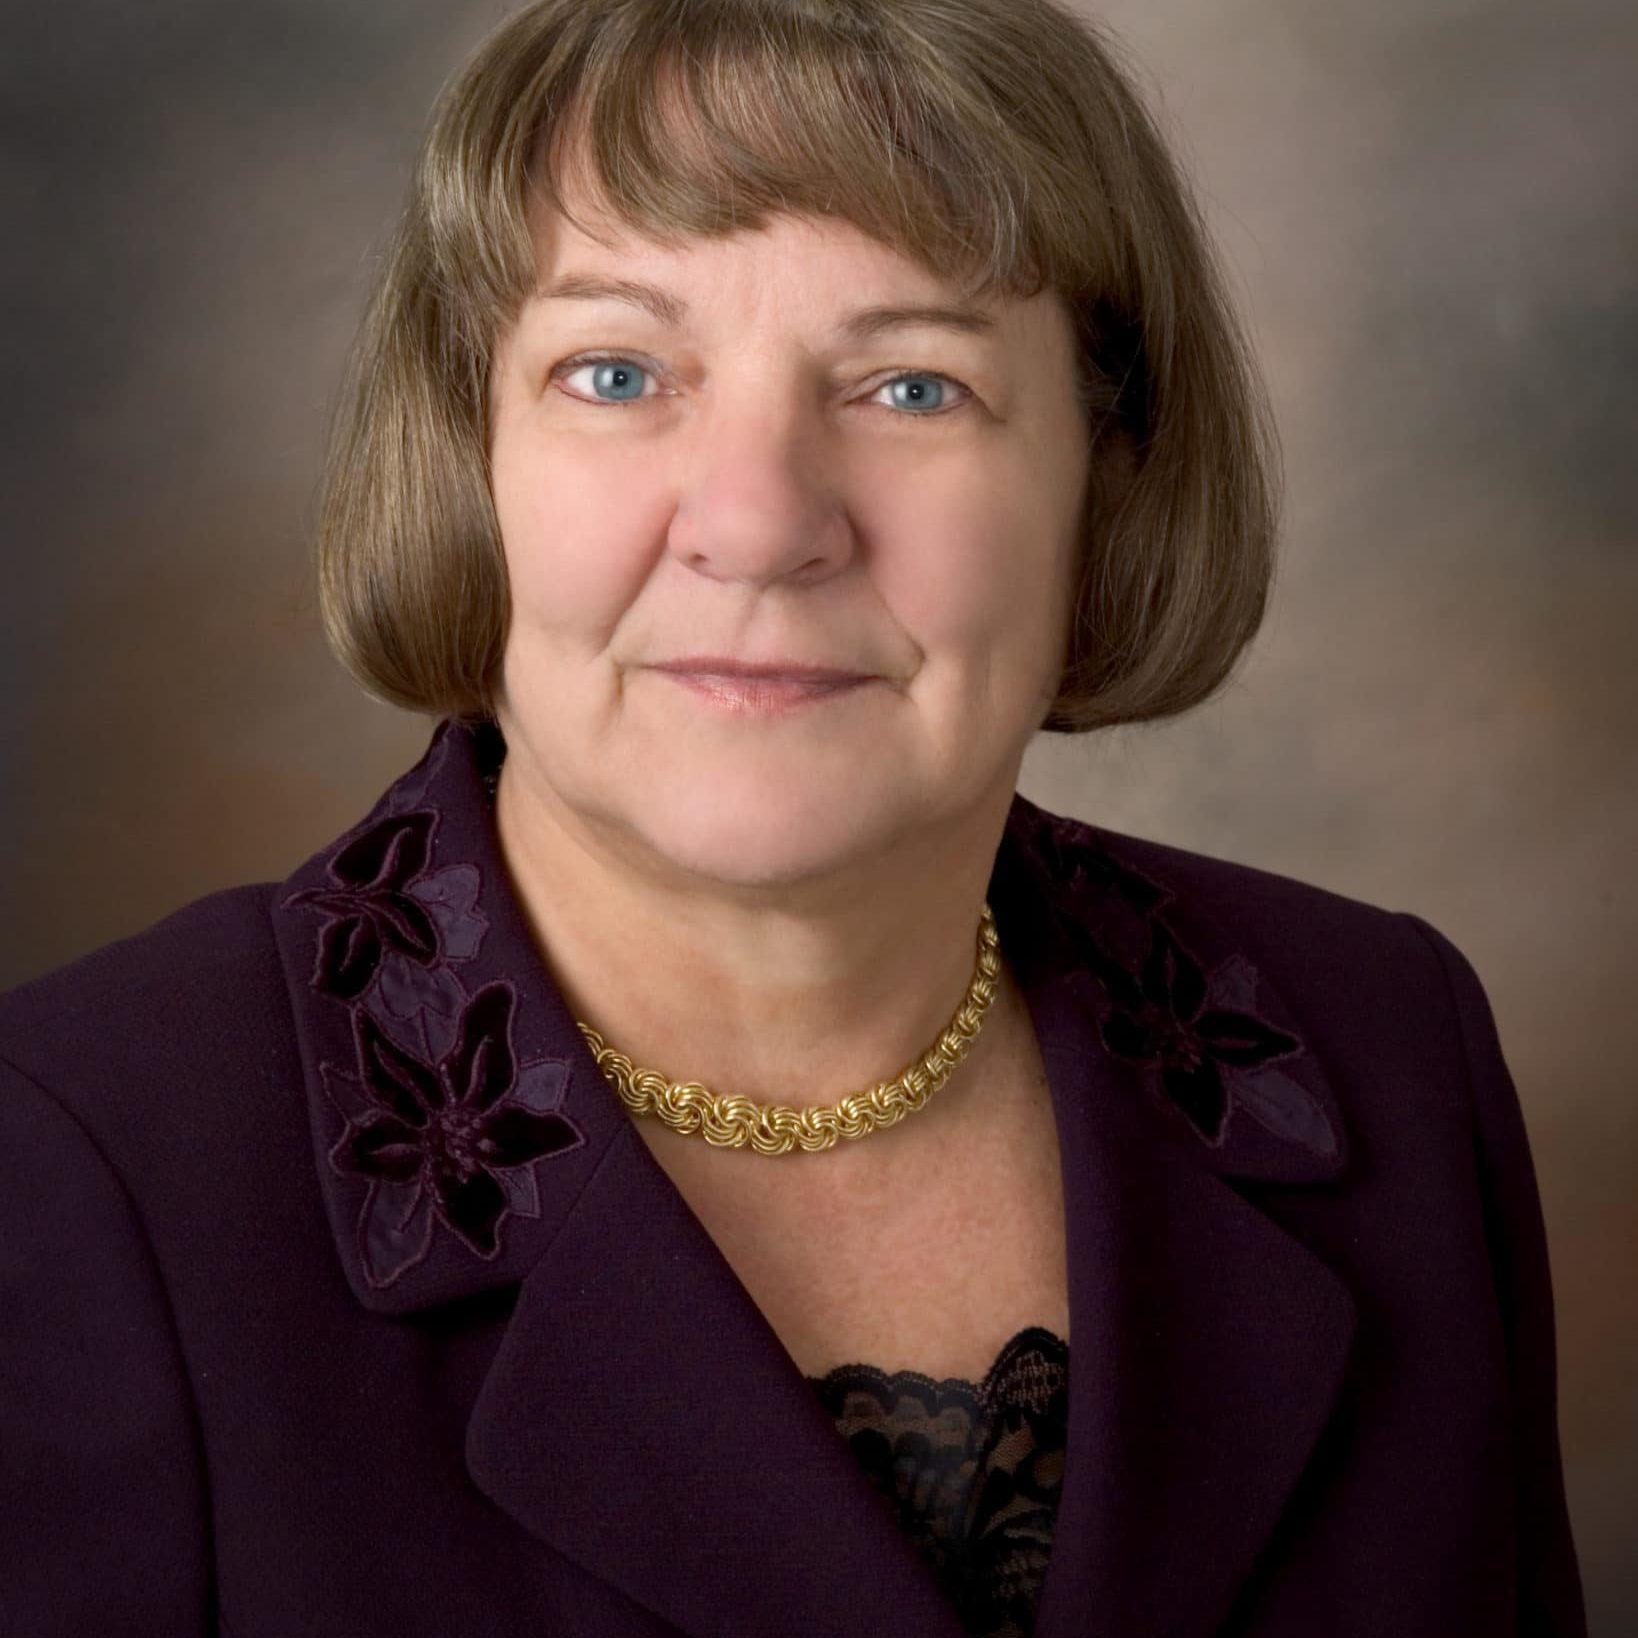 Kathy Aiken